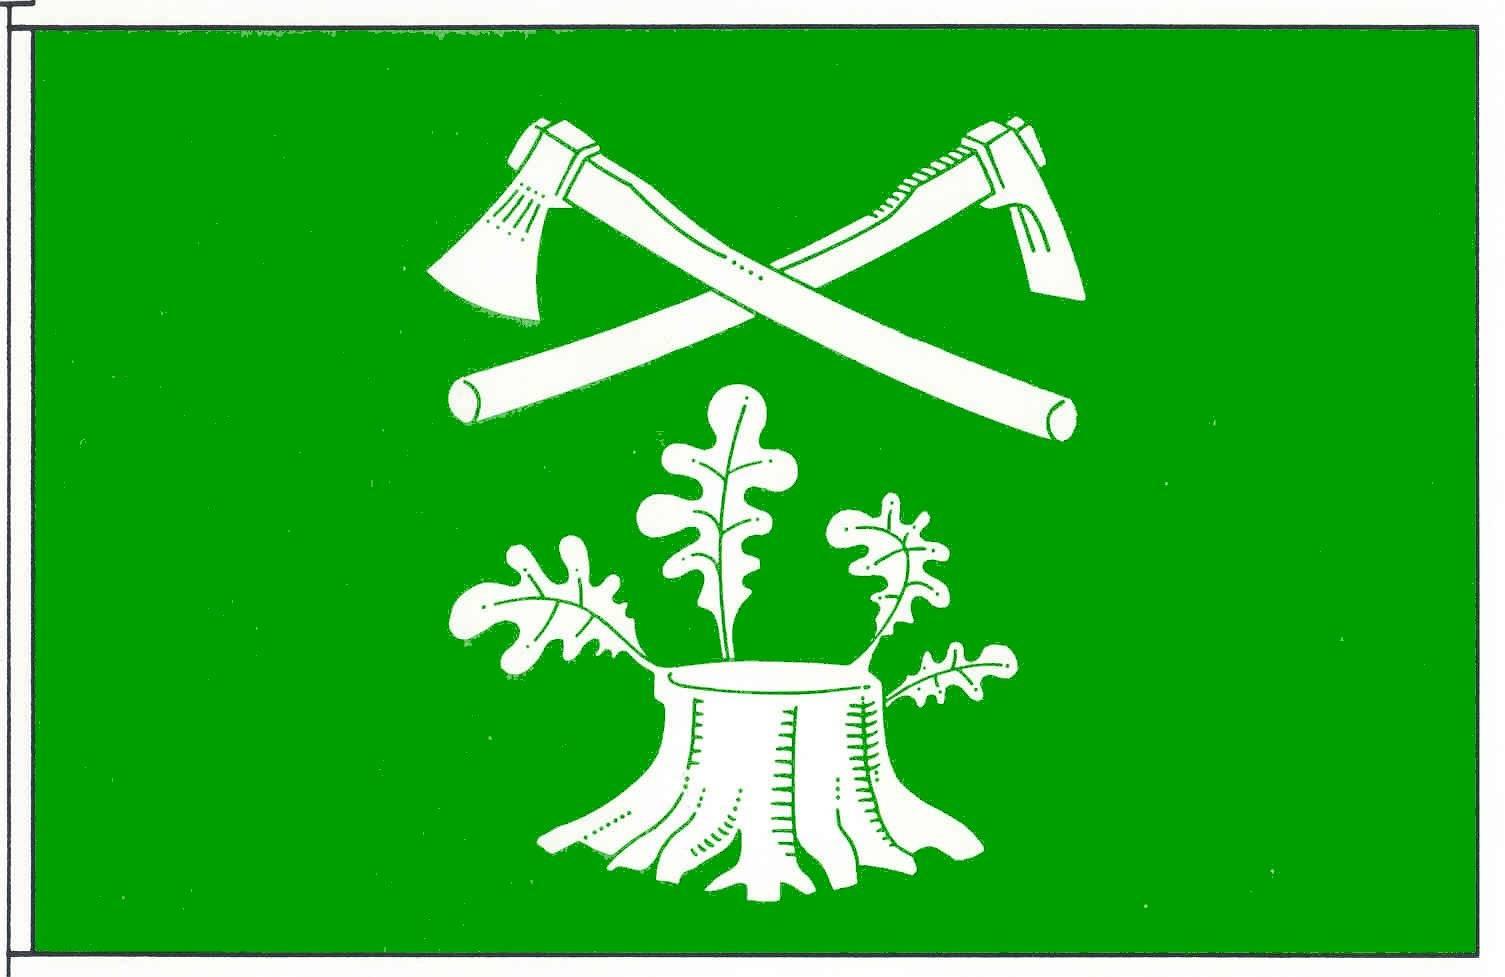 Flagge GemeindeGroßenrade, Kreis Dithmarschen